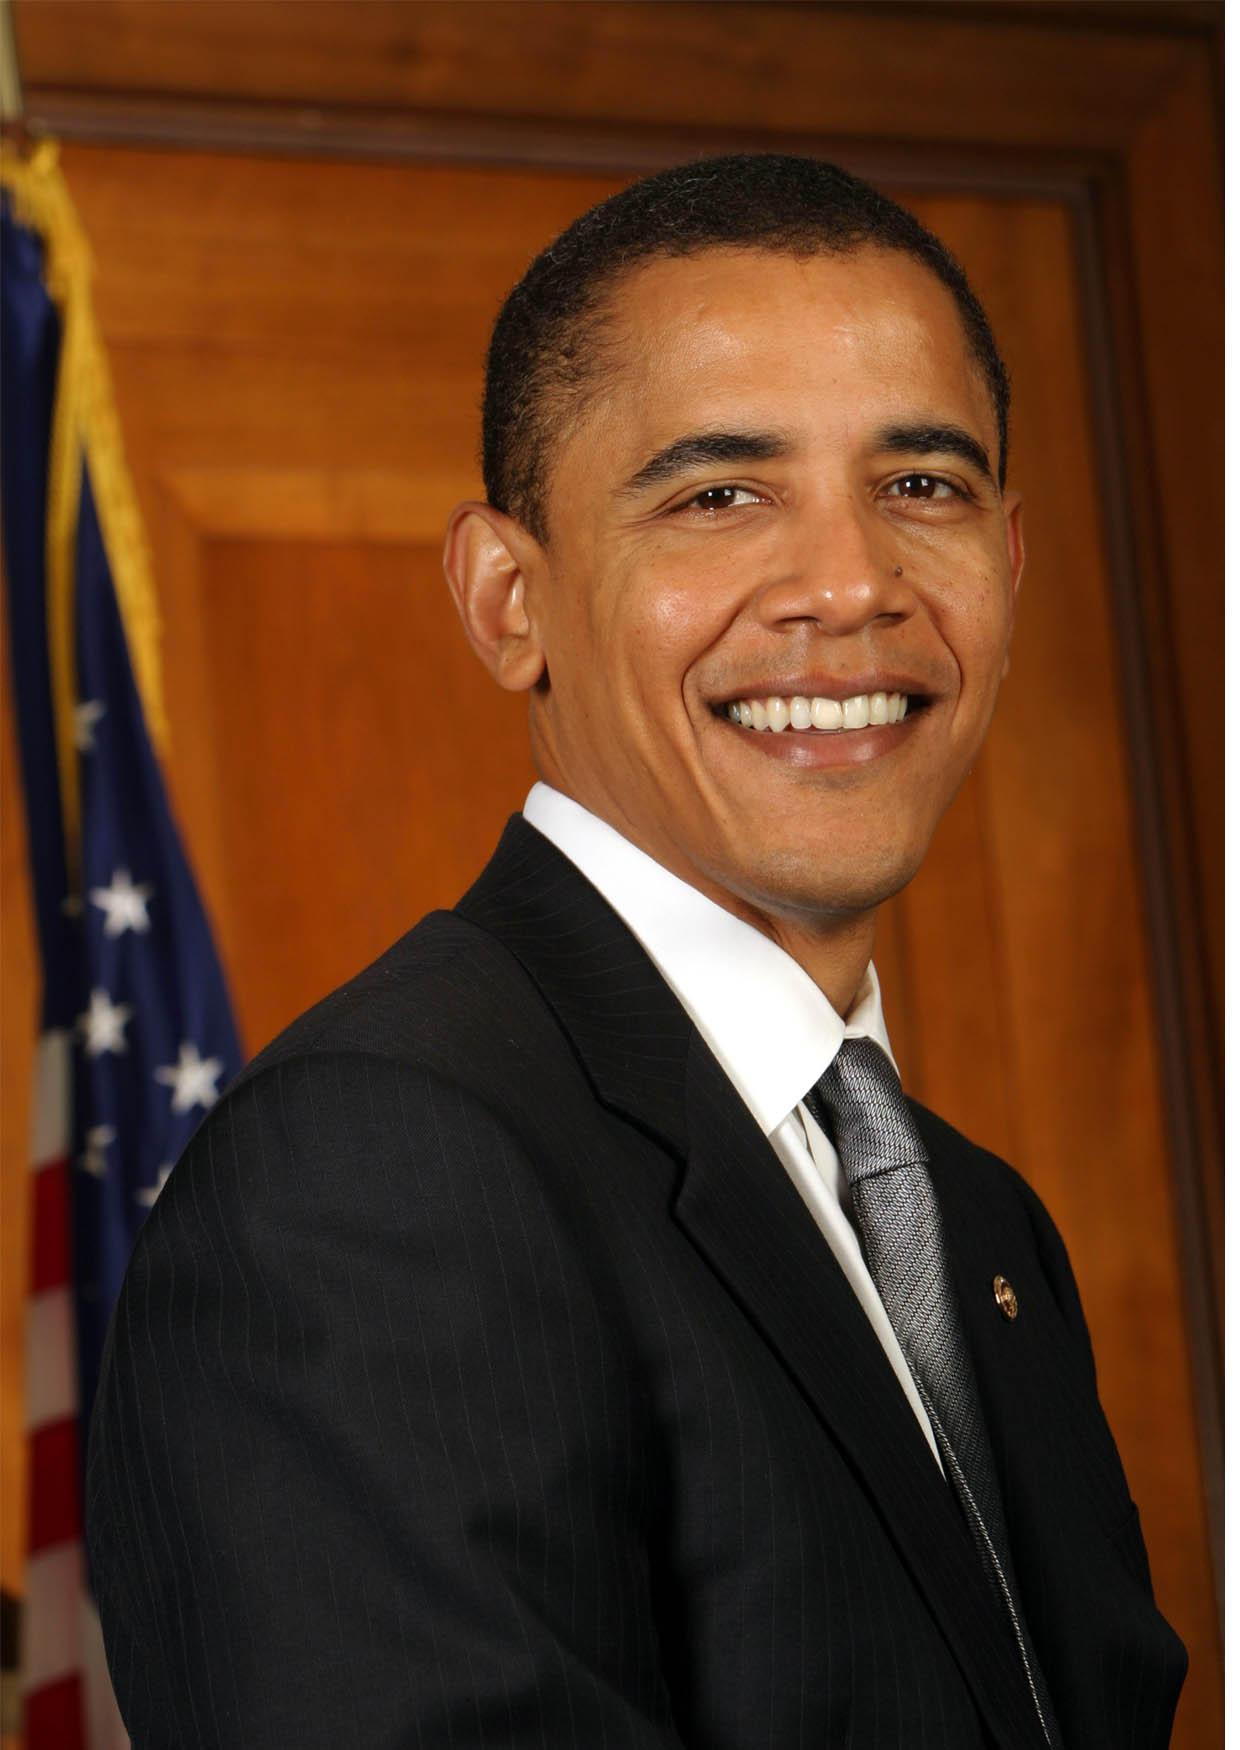 Barack Obama [1240x1750] - foto-barack-obama-dl12704